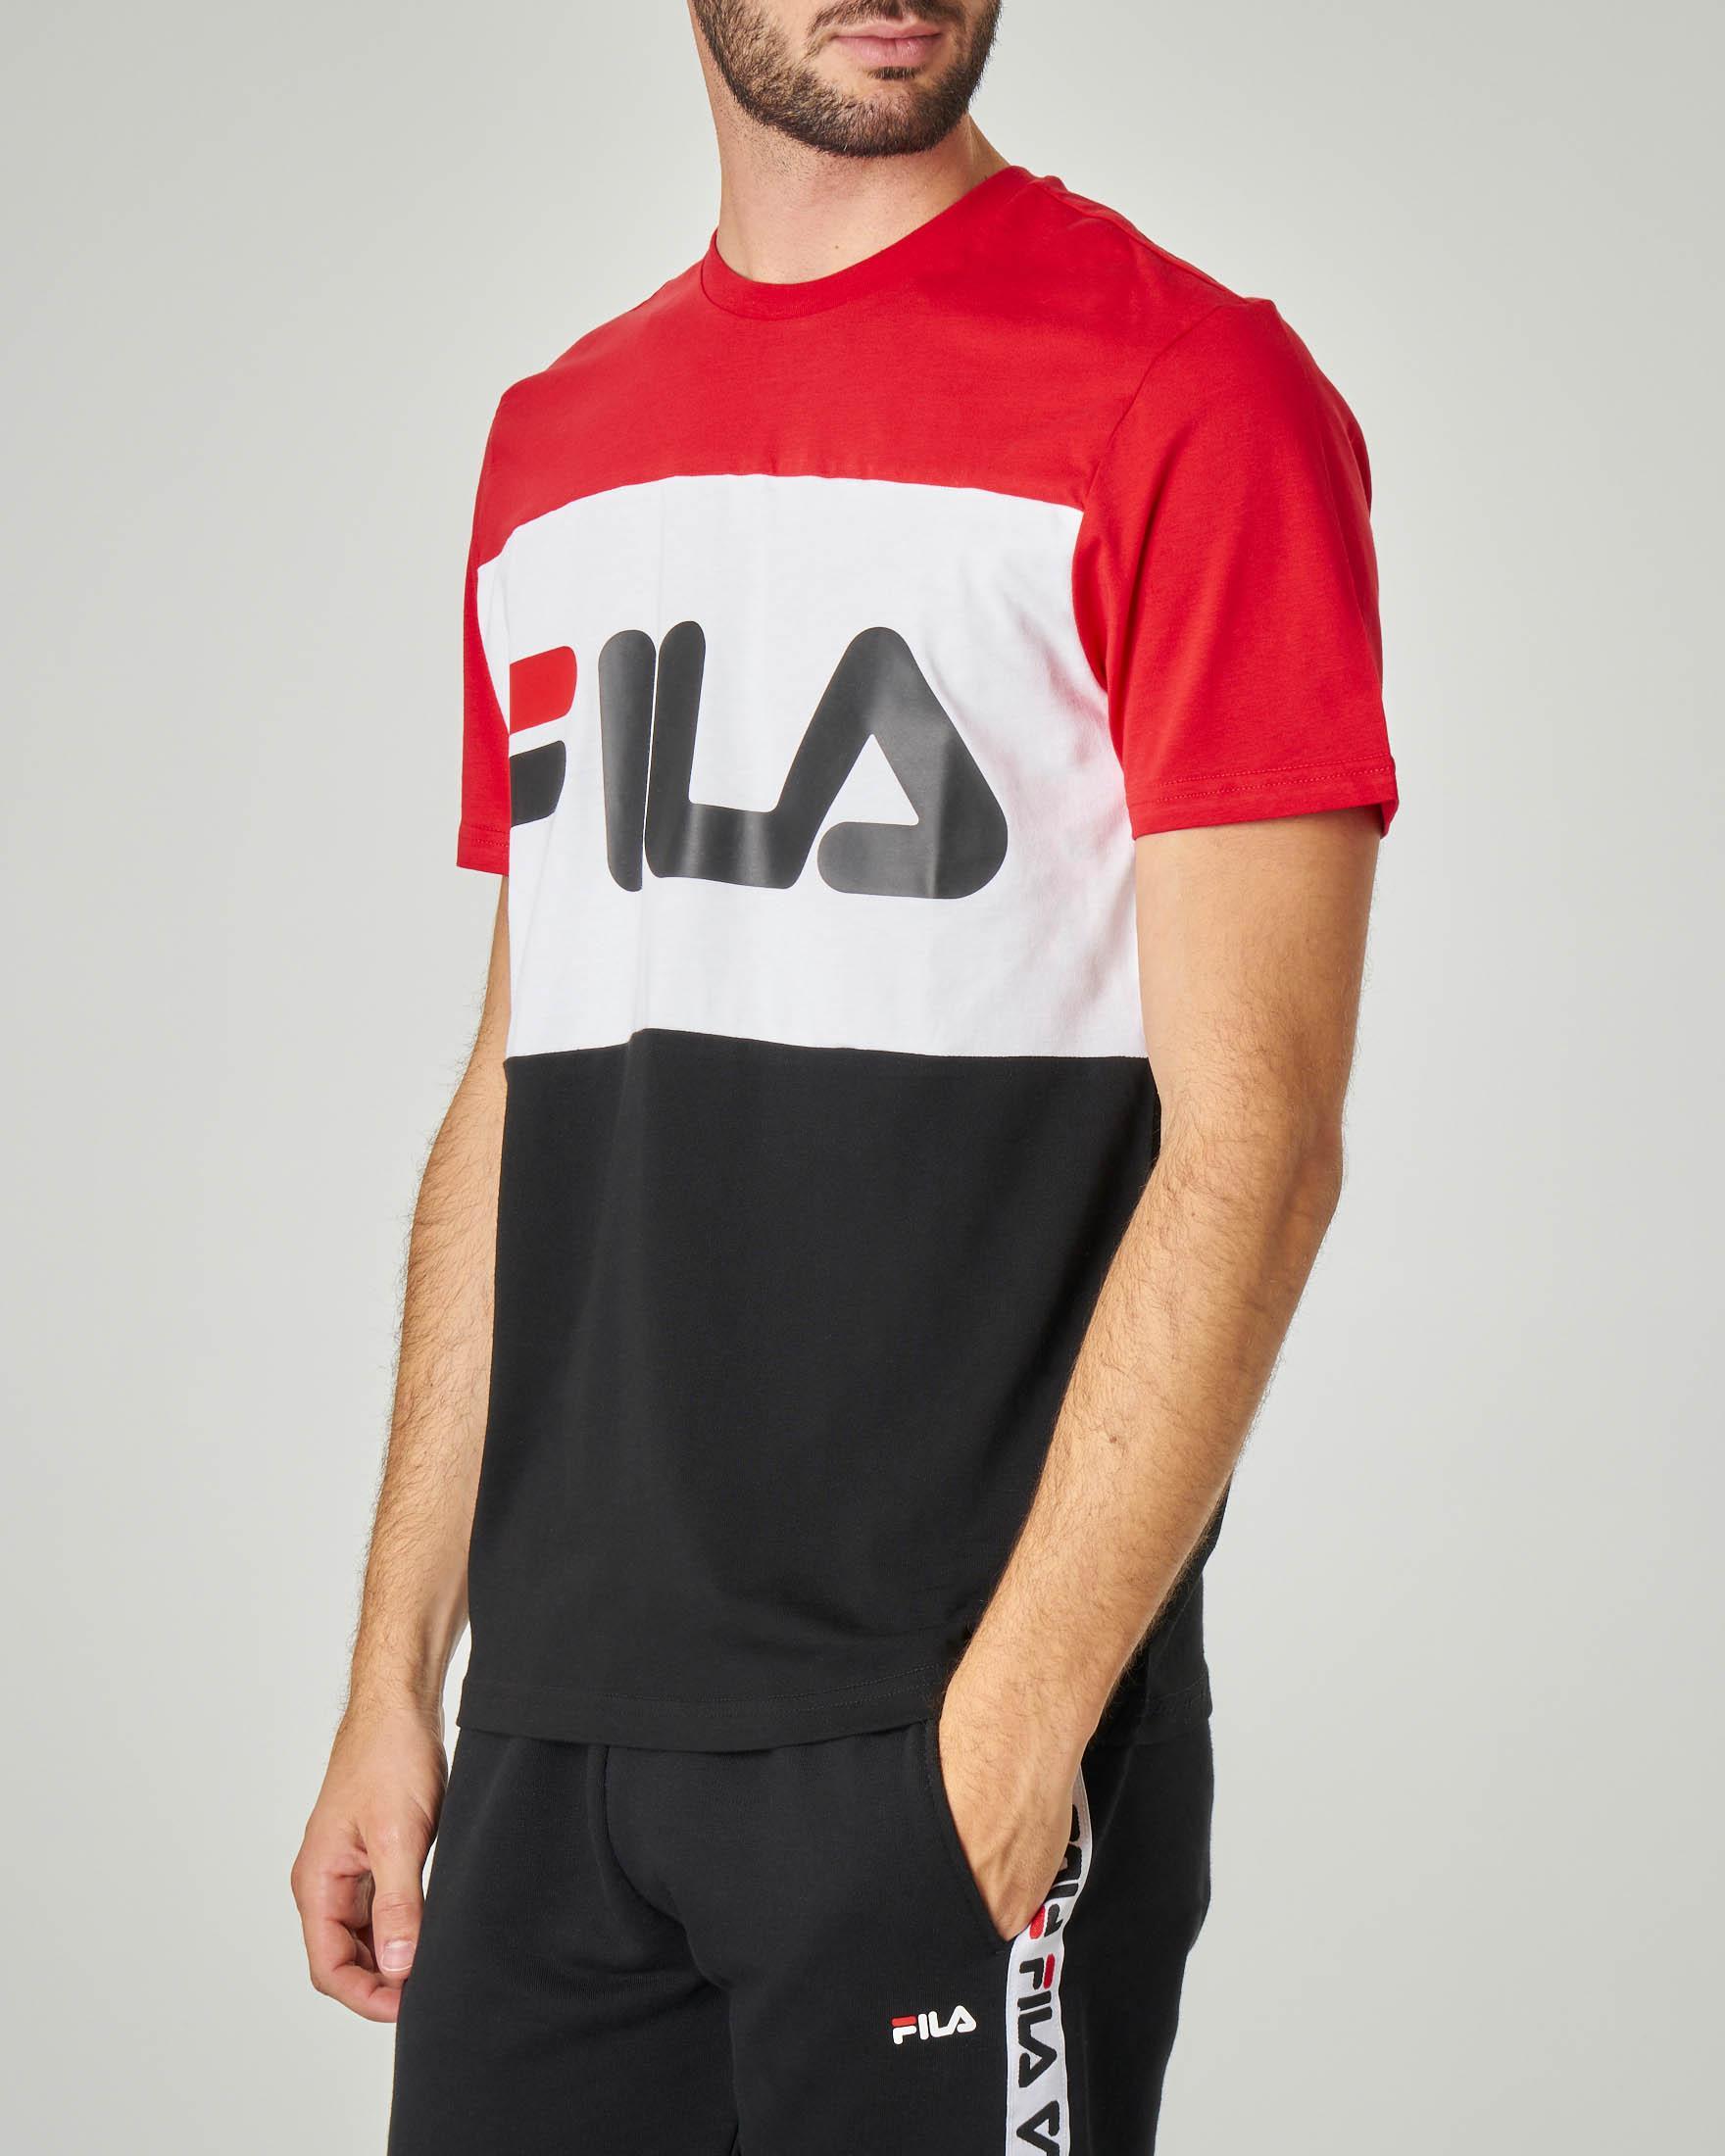 T-shirt tricolore rossa bianca e nera con logo